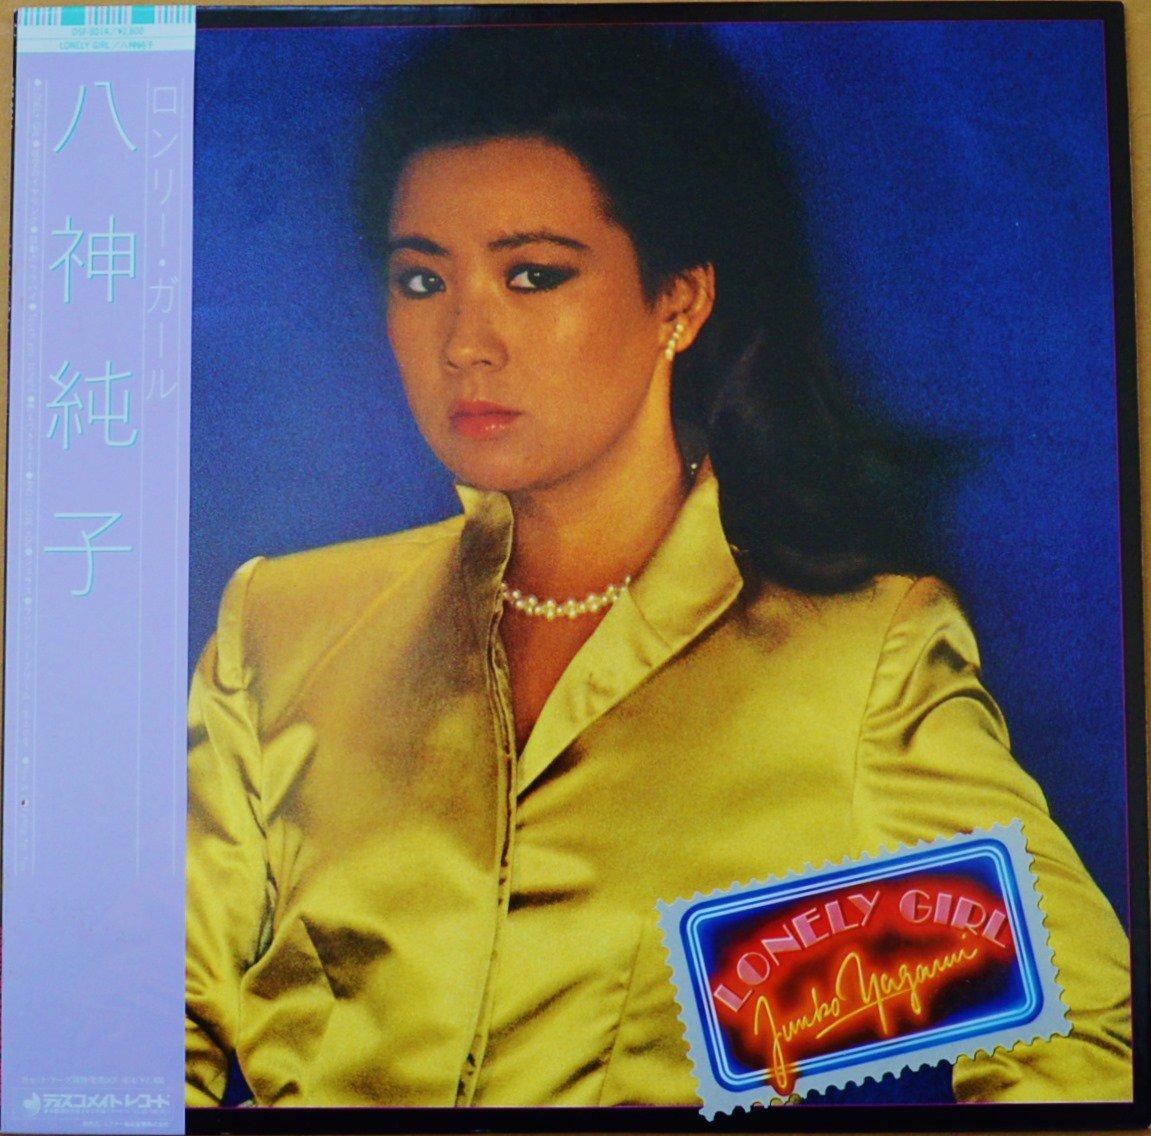 八神純子 JUNKO YAGAMI / ロンリー・ガール LONELY GIRL (LP)